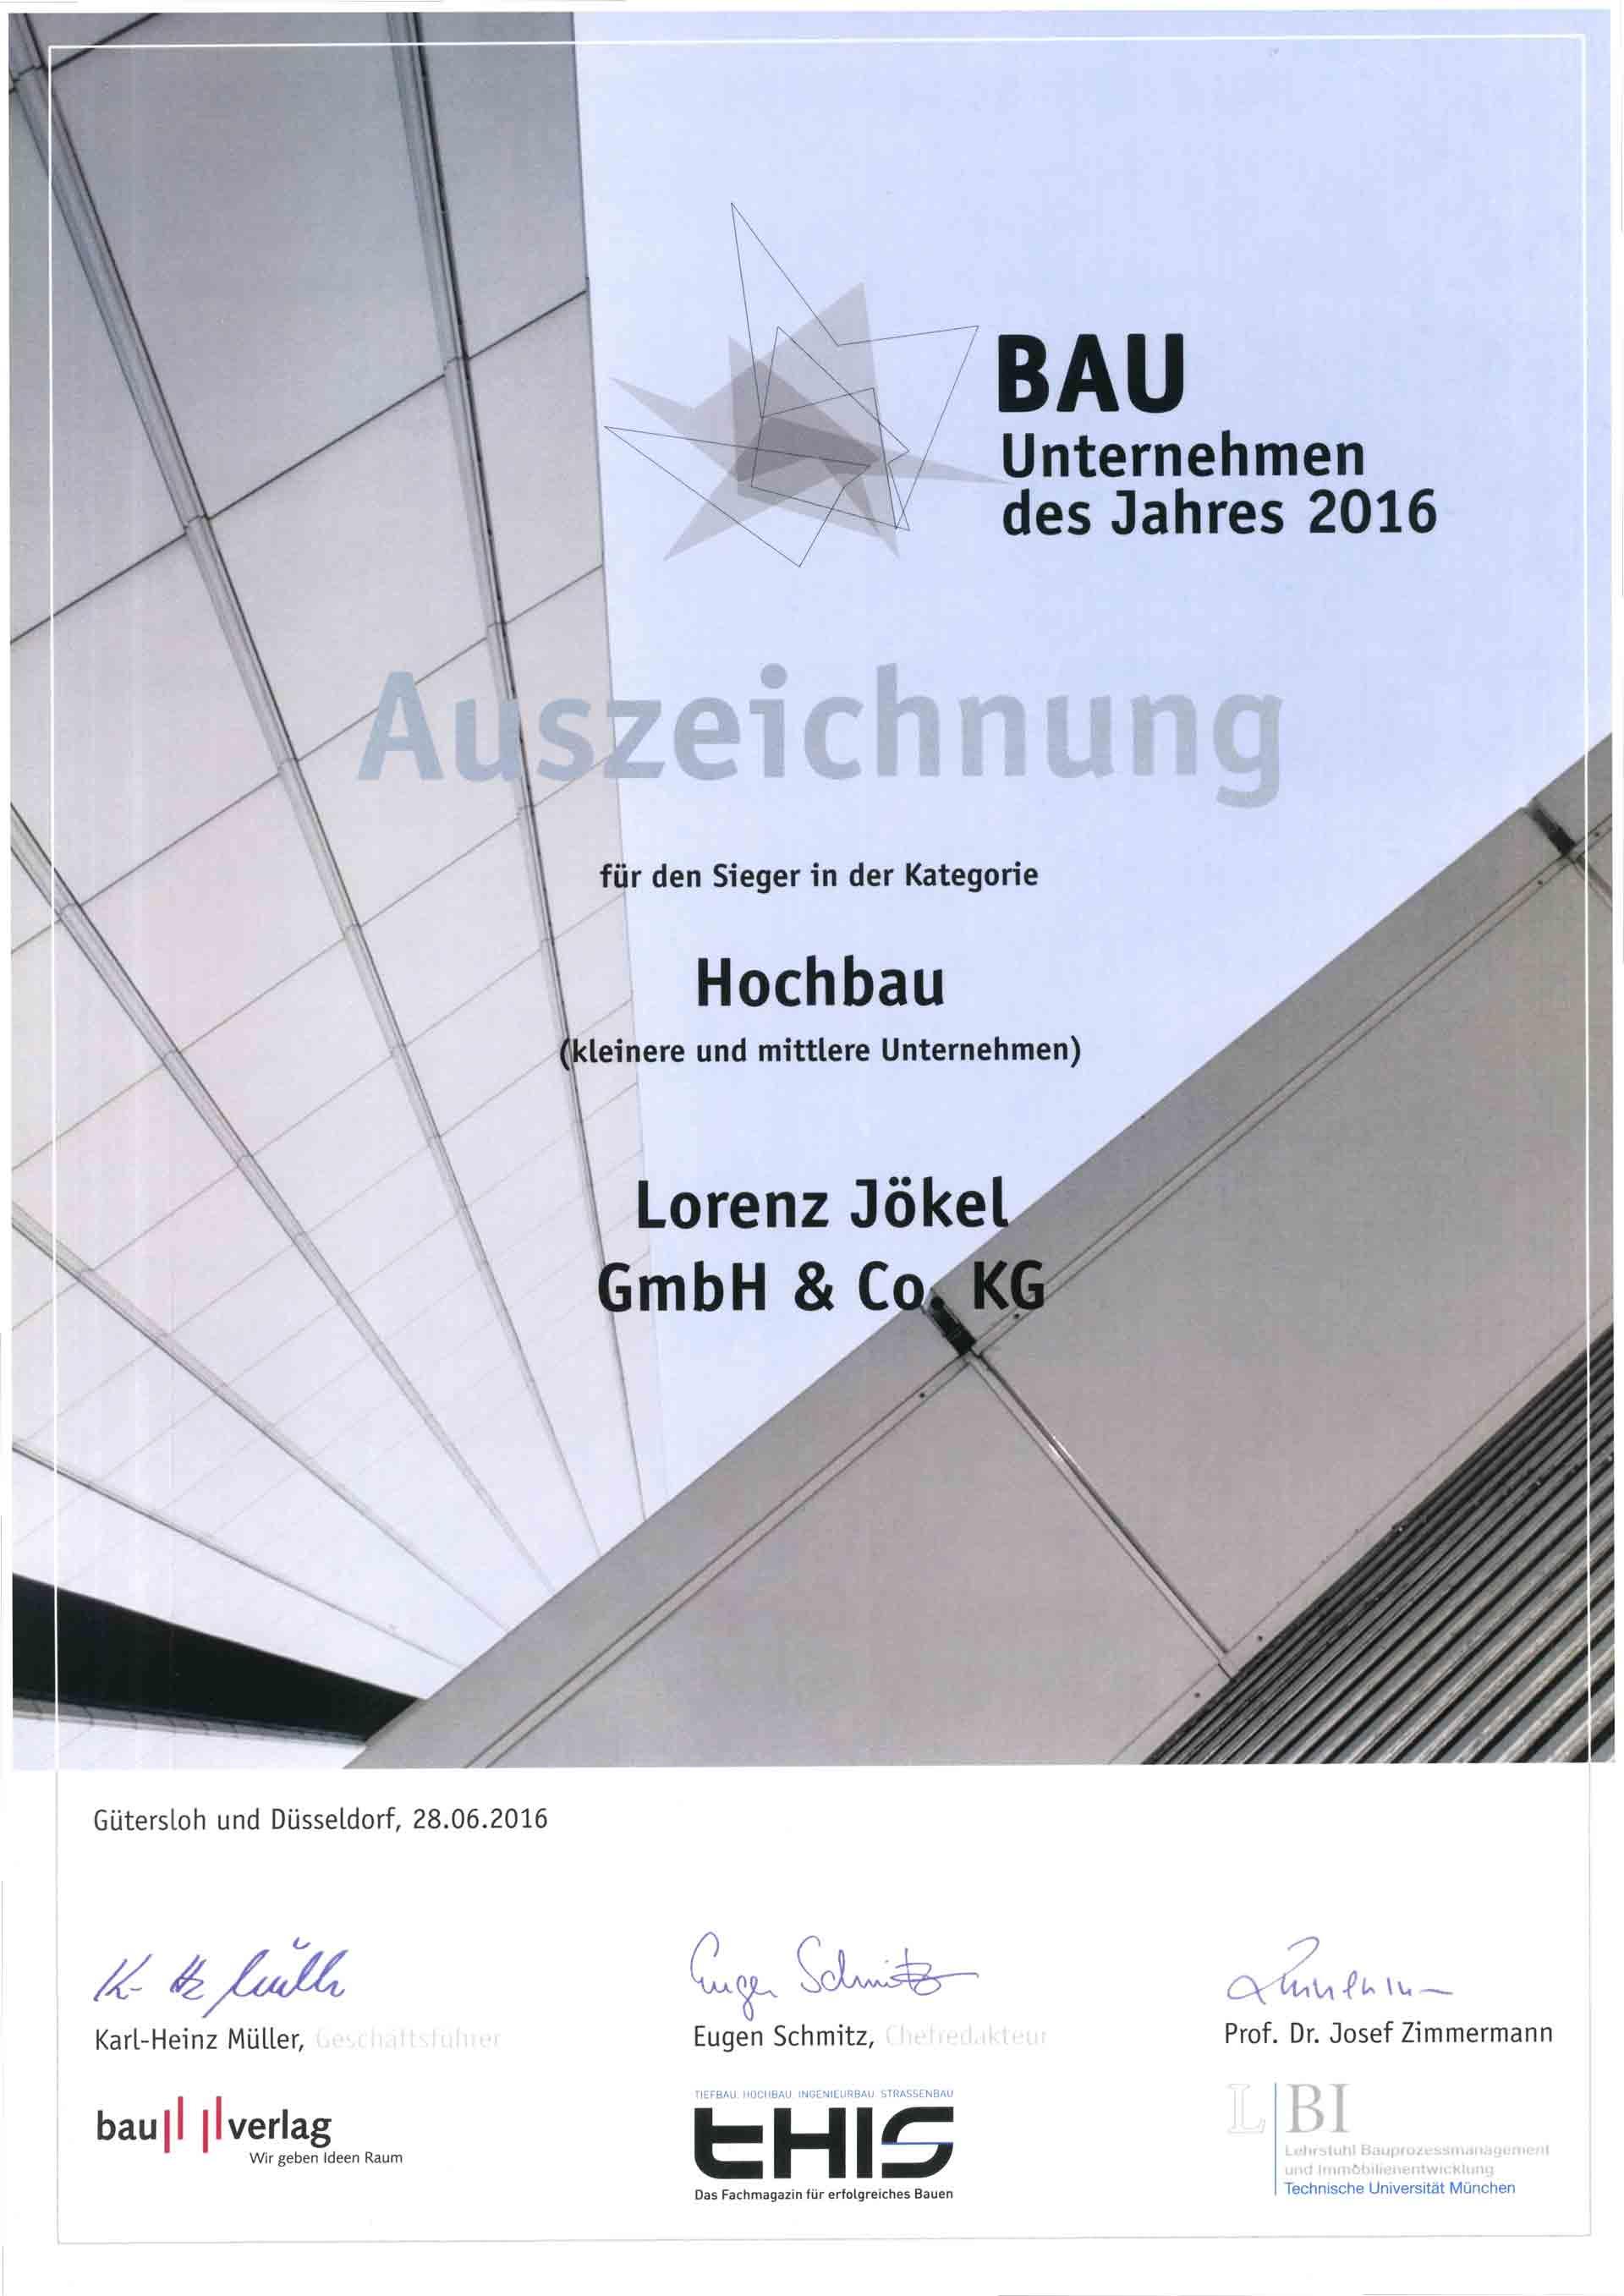 Urkunde Bauunternehmen des Jahres 2016 Lorenz Jökel Abteilung Hochbau